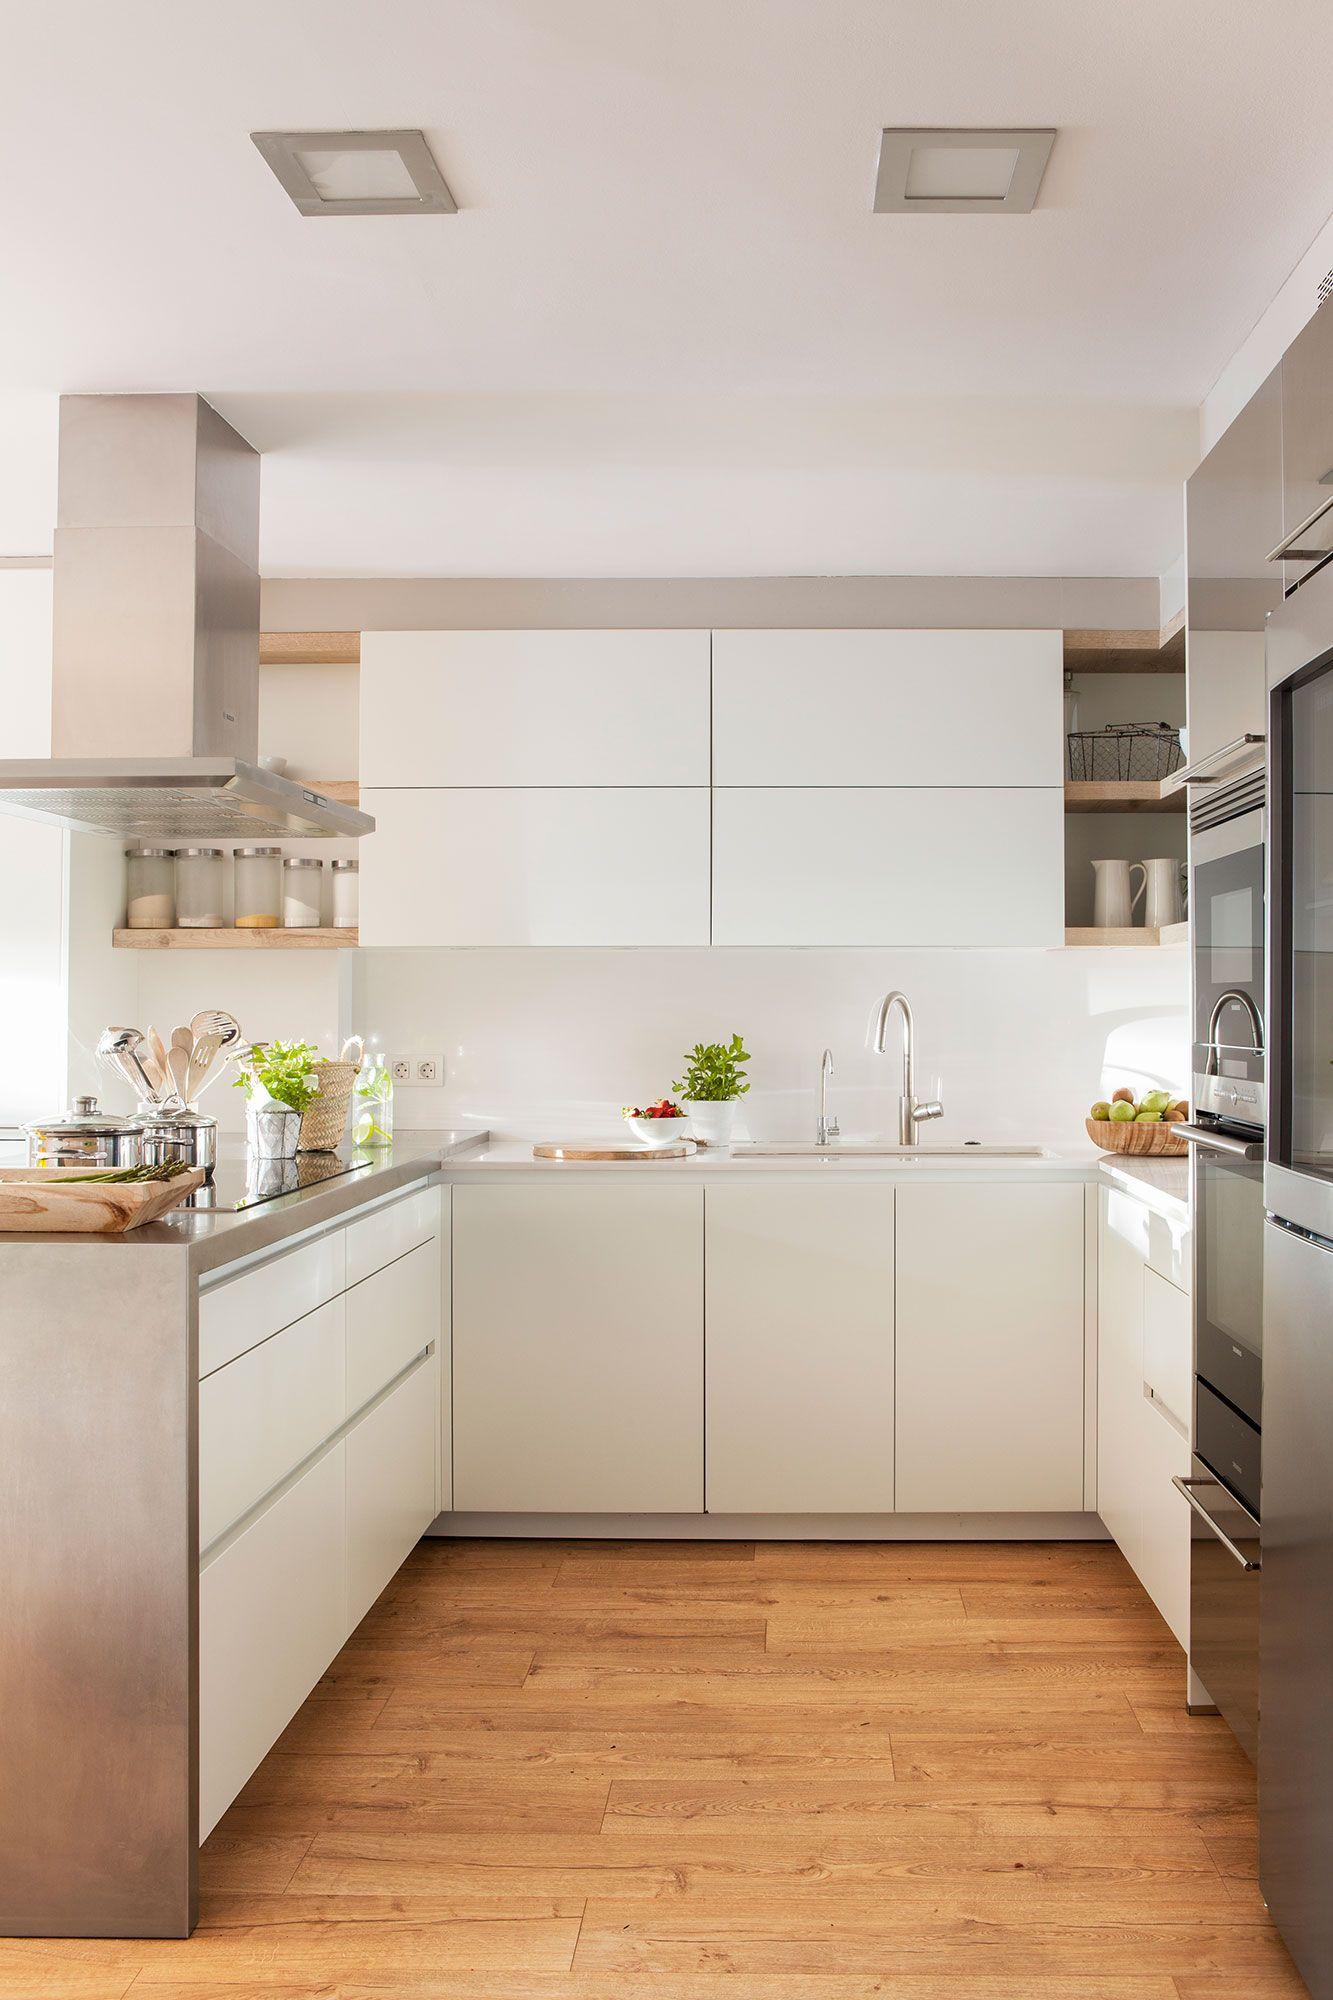 Cocina blanca moderna en u cocina peque a cocinas for Cocinas blancas pequenas